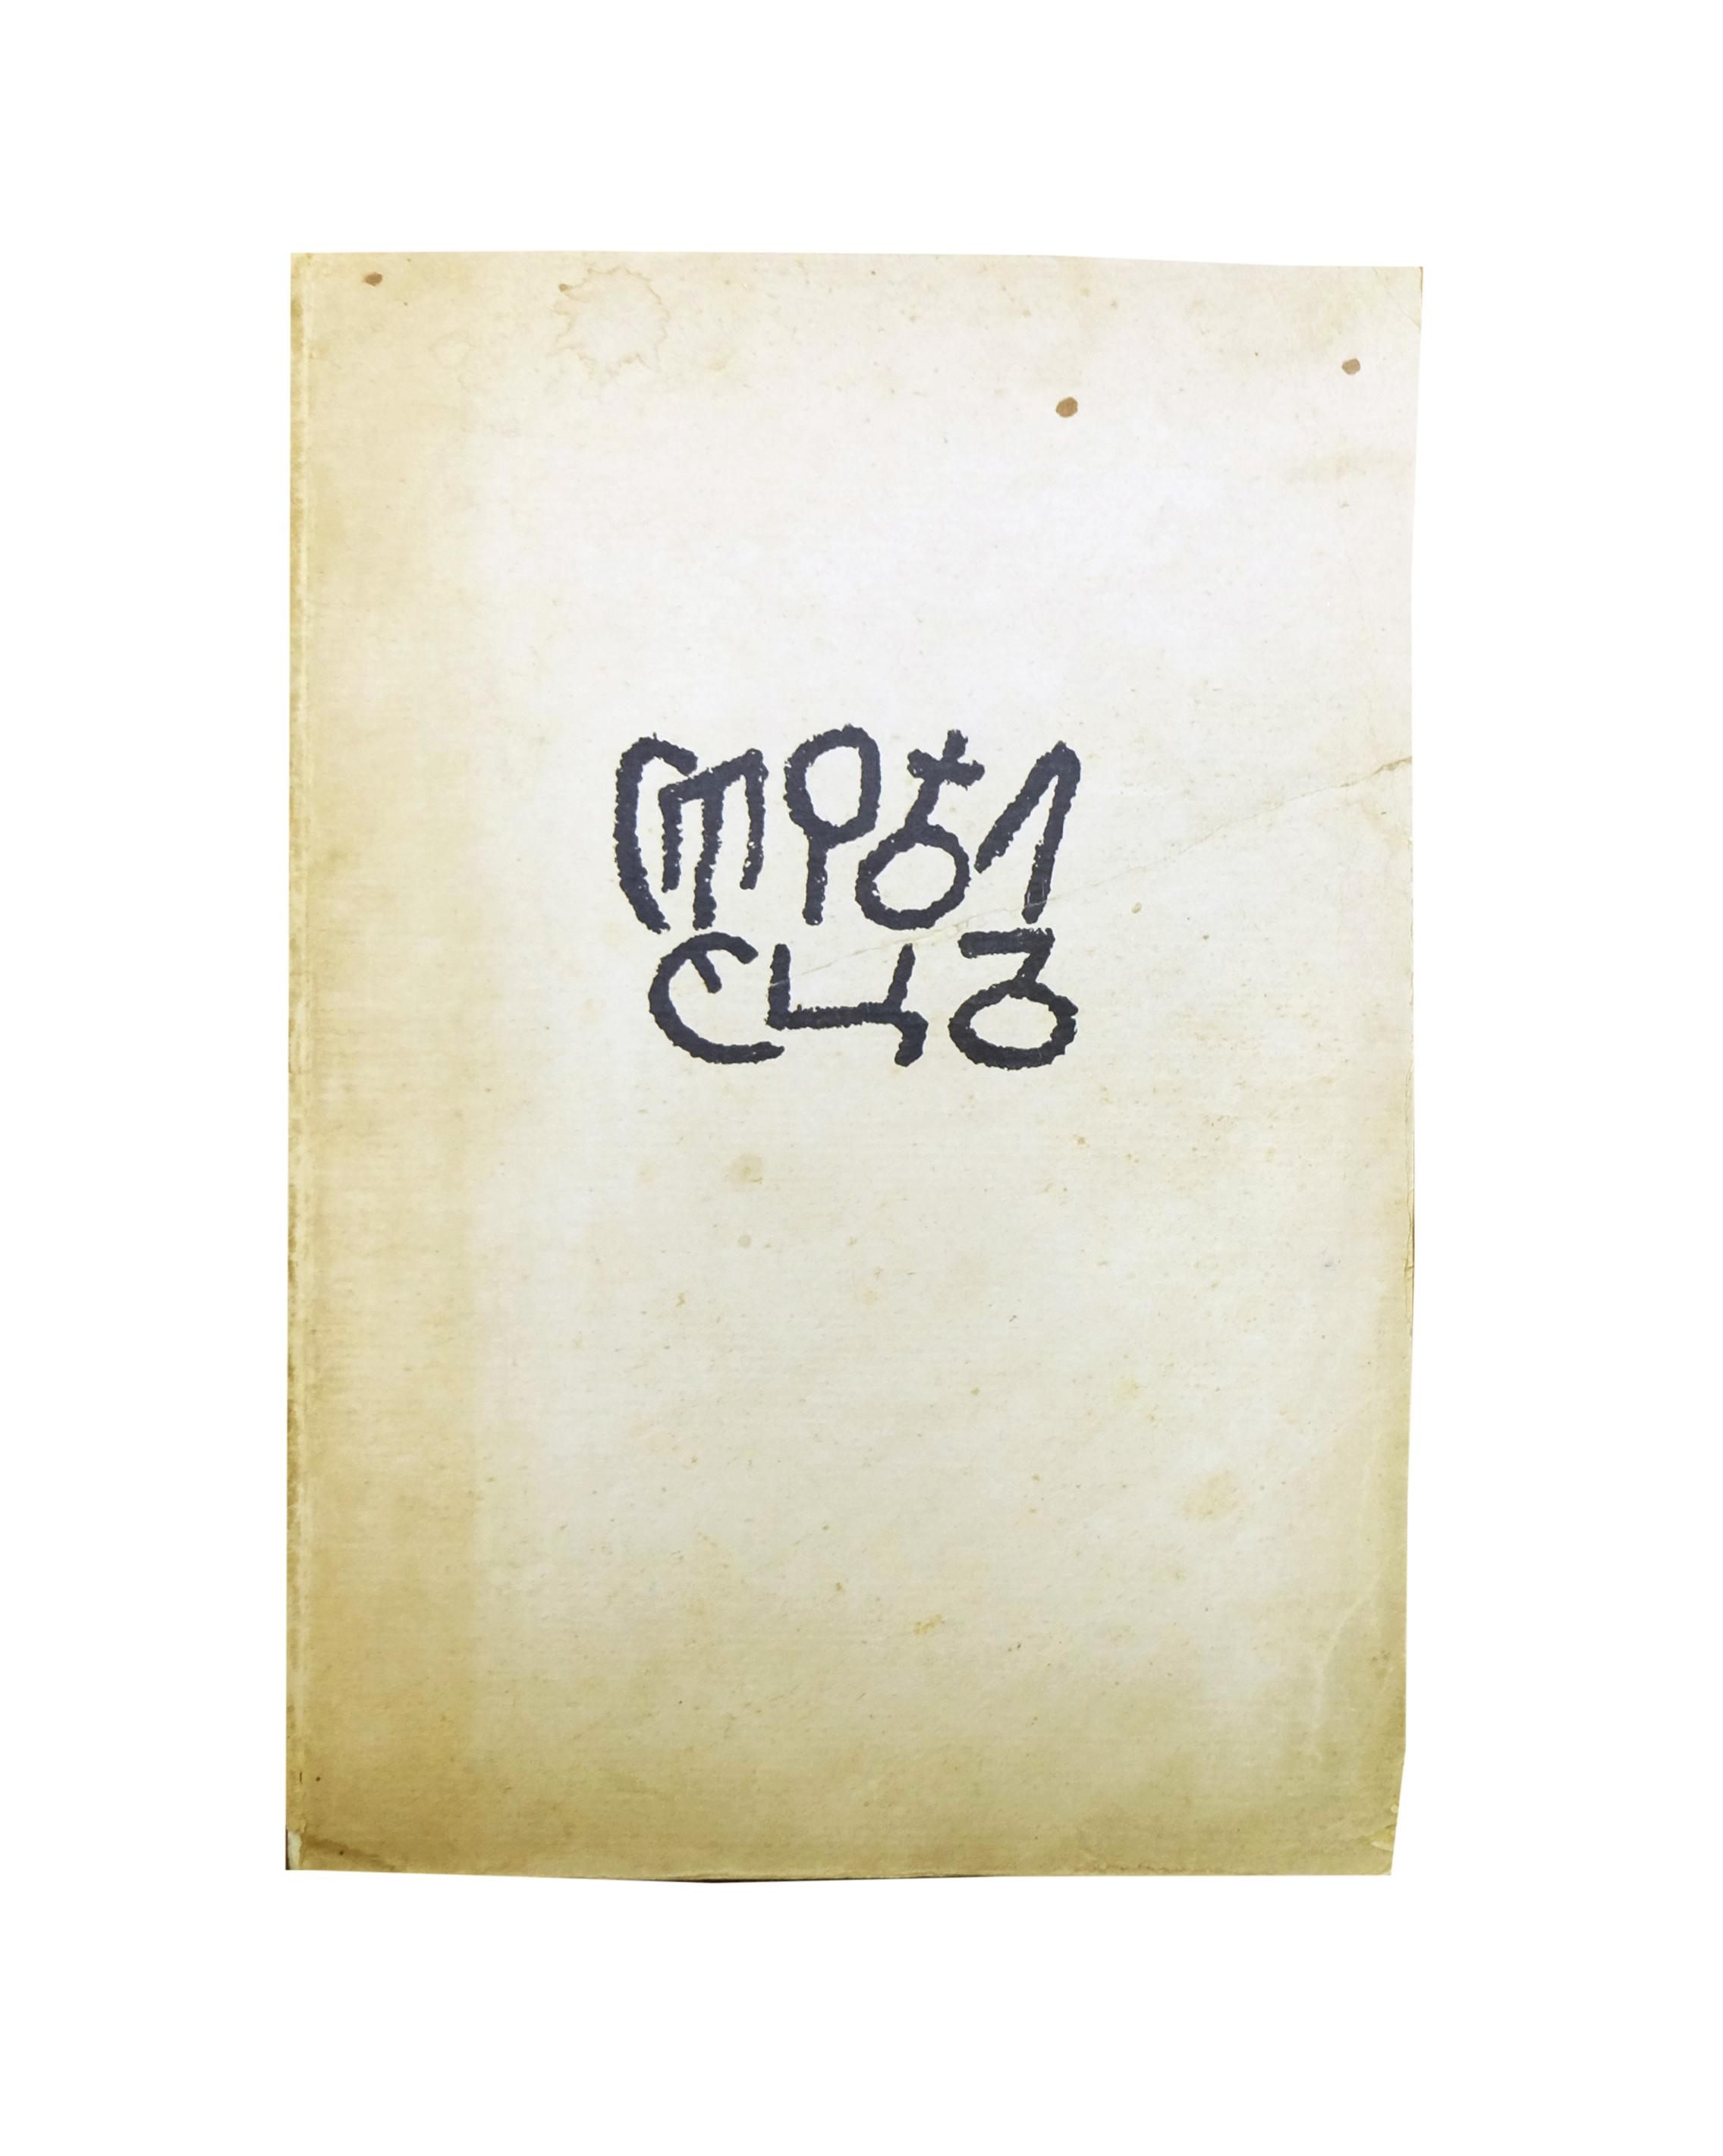 17864.JPG